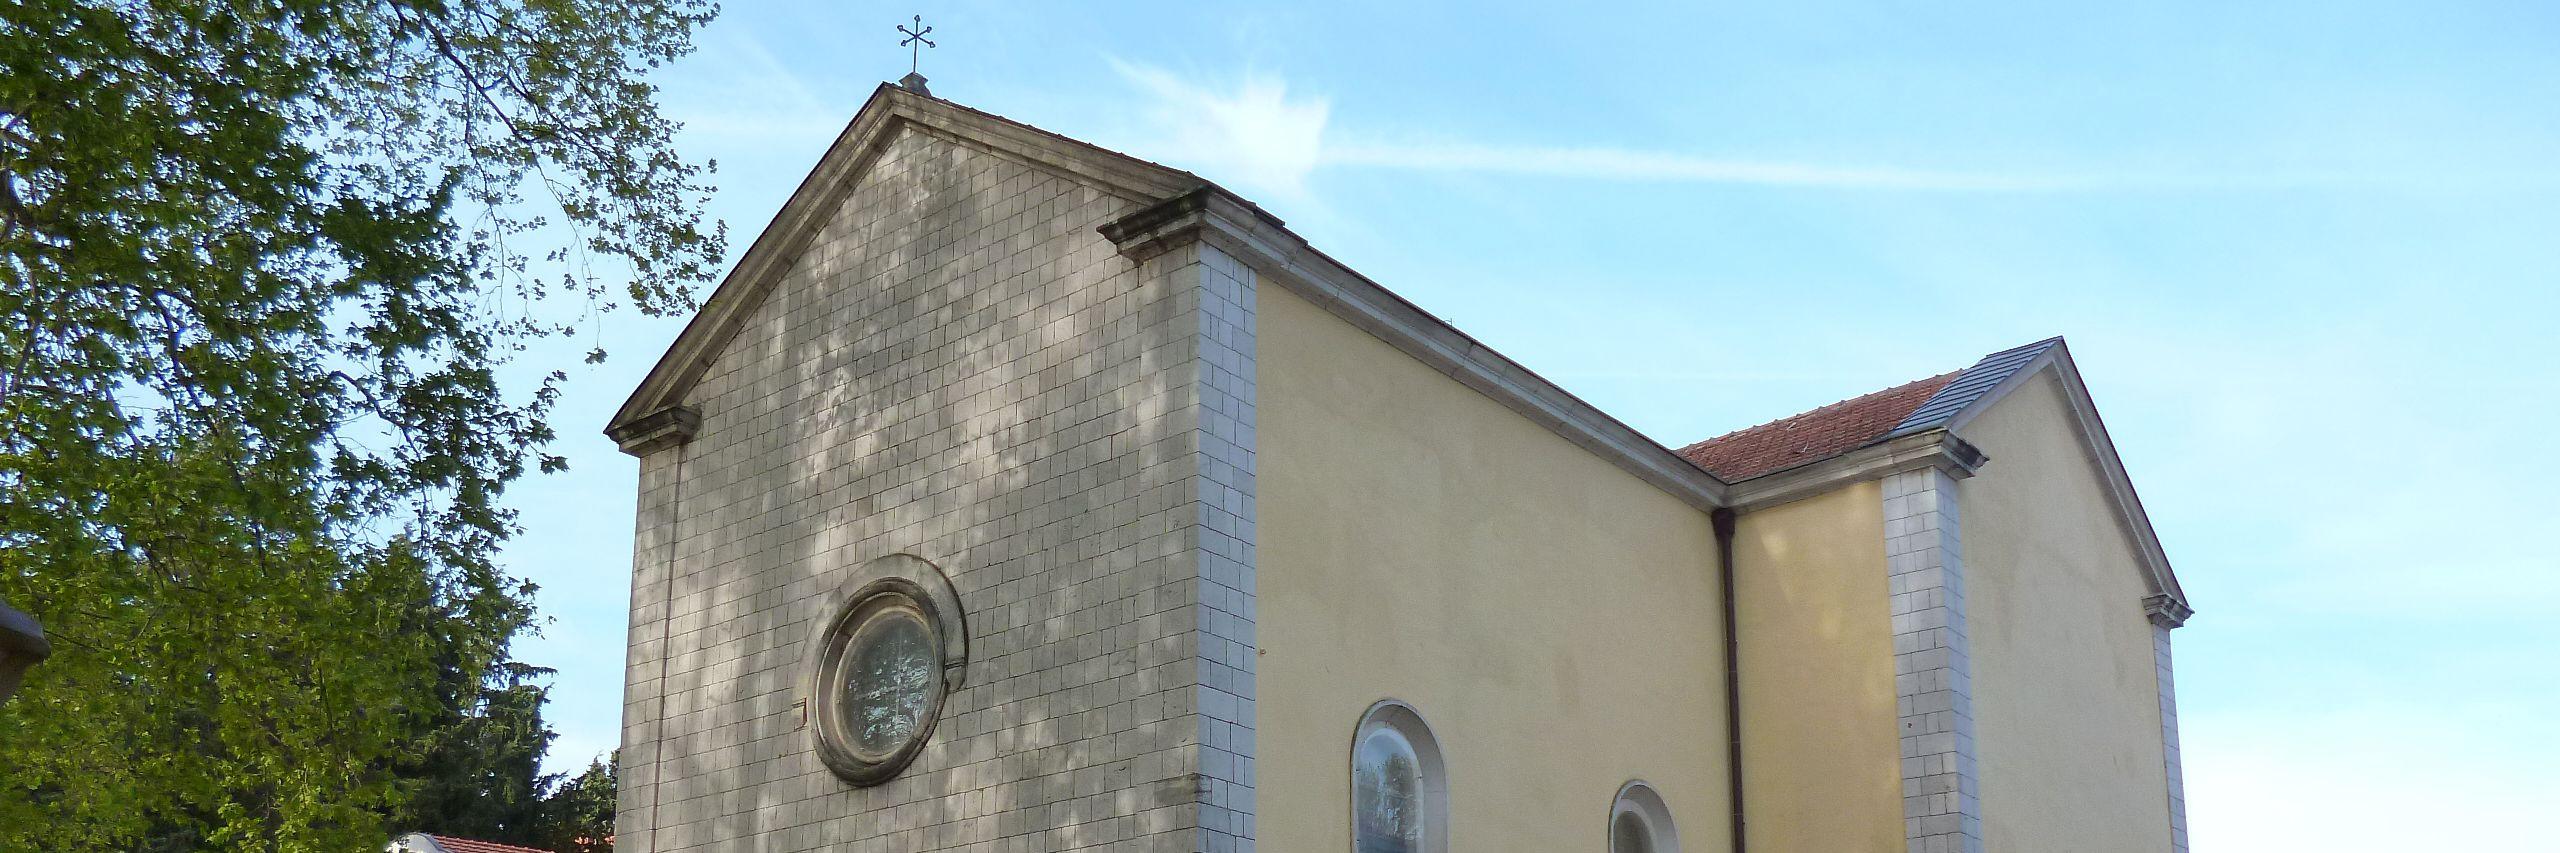 Кафедральный собор в Требине